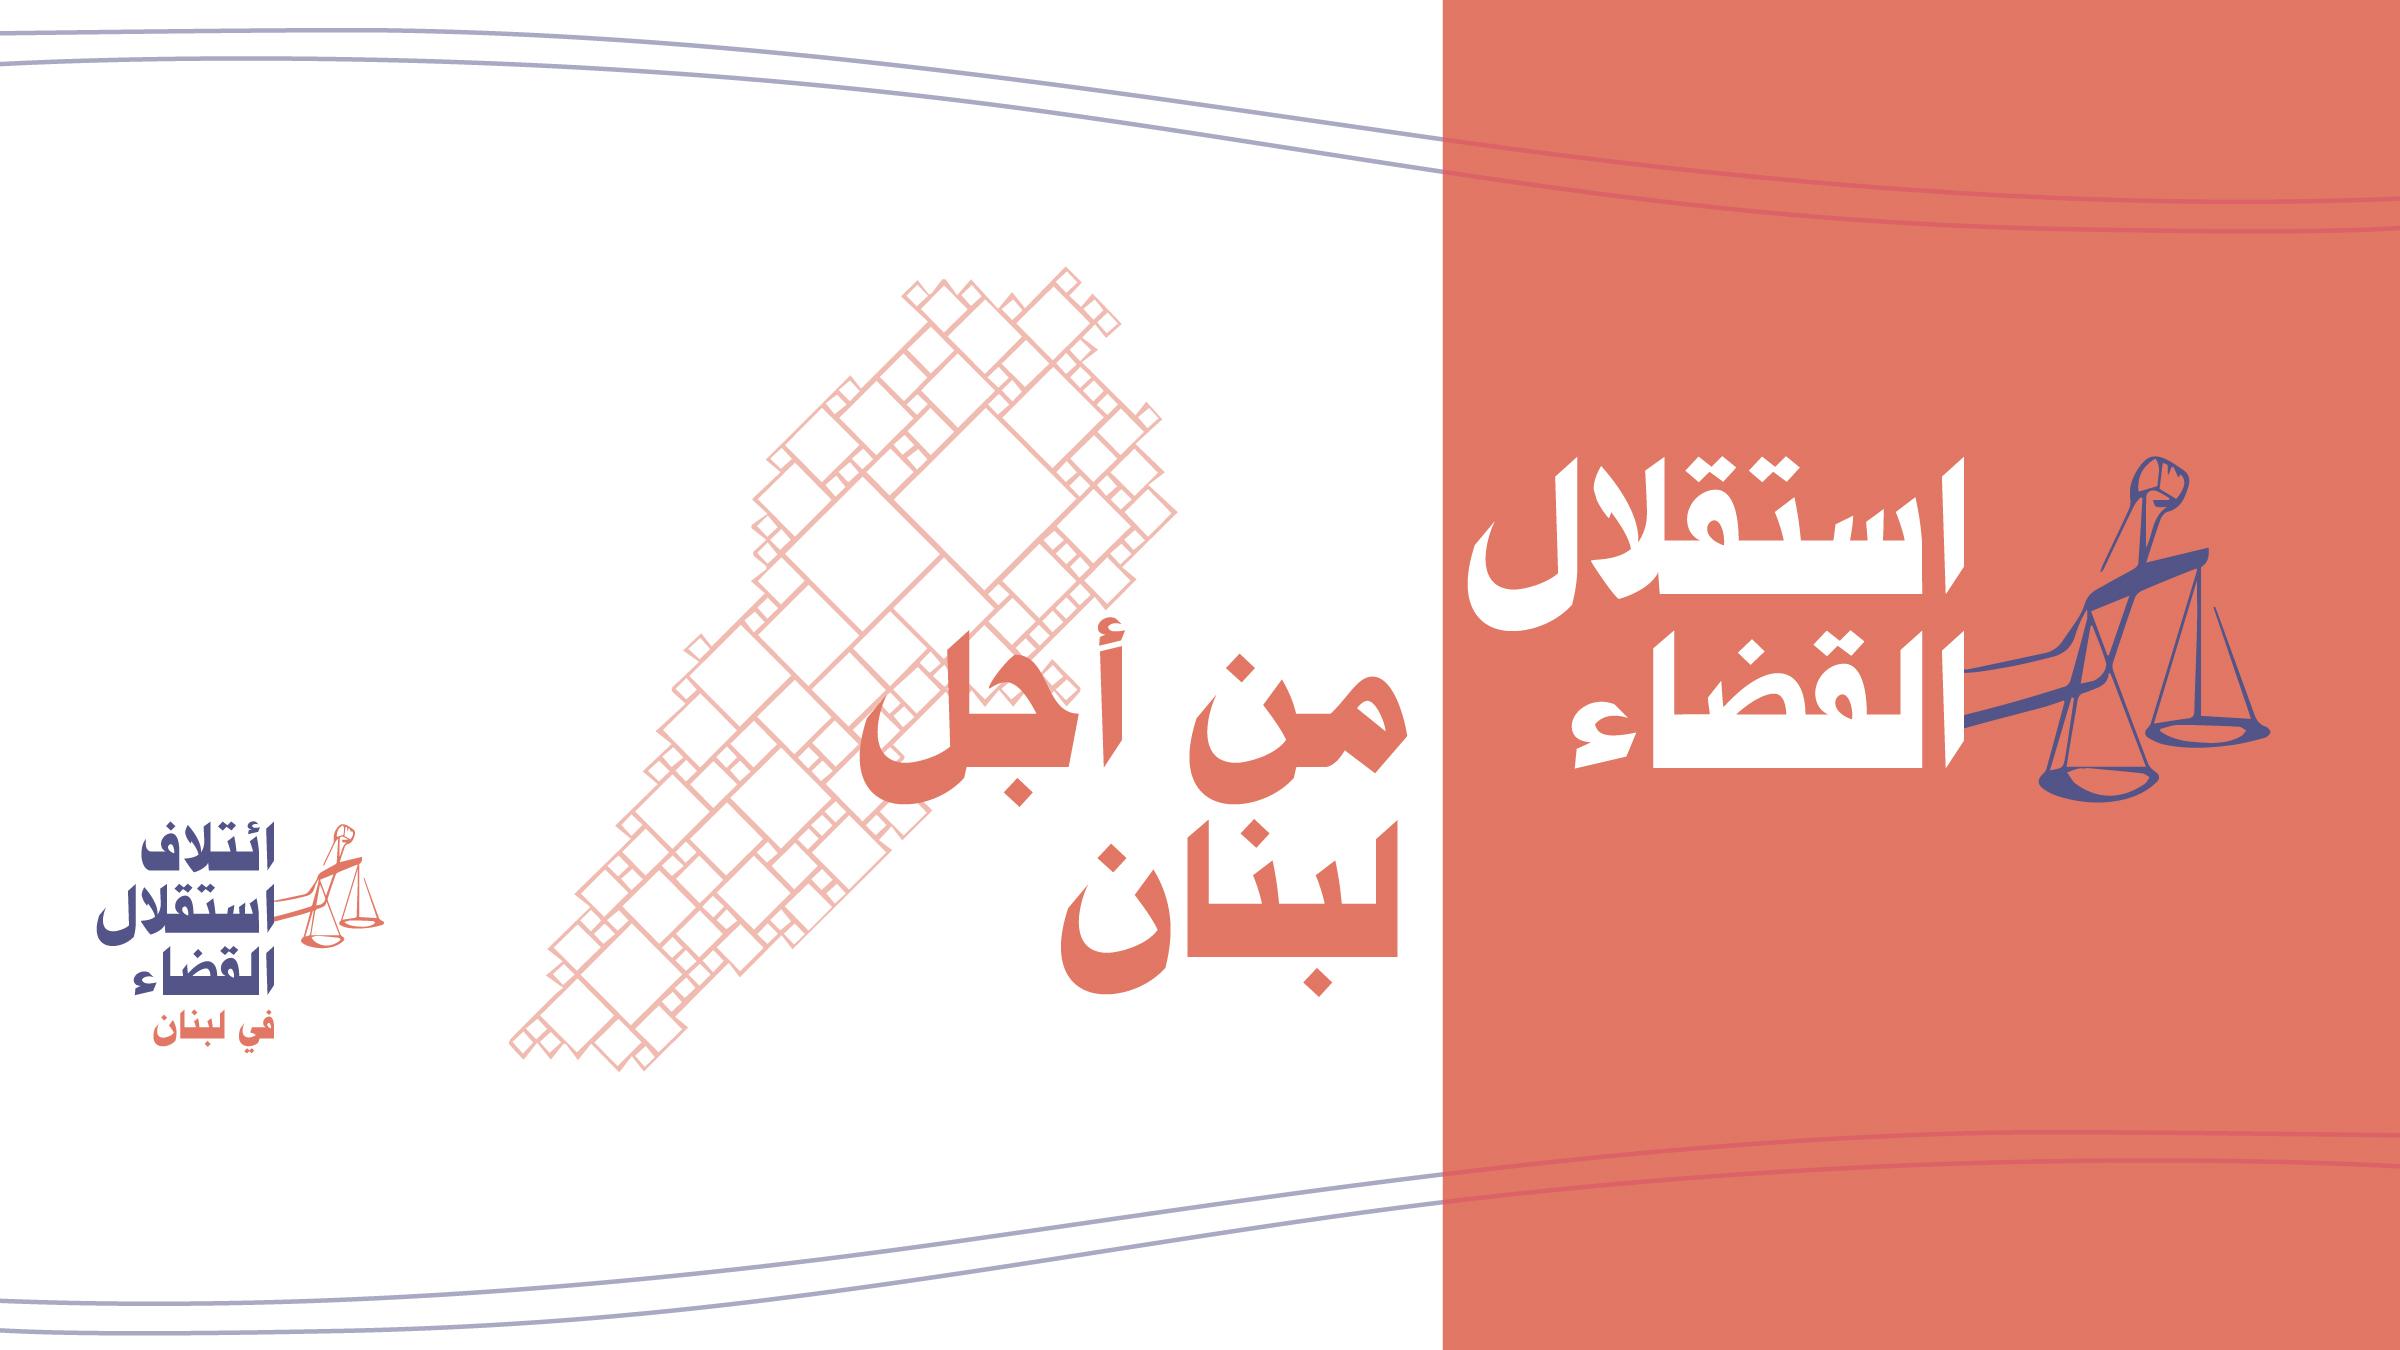 """بيان """"ائتلاف استقلال القضاء"""" حول قضيّة إيلا طنوس: حماية مصالح الأطباء المشروعة لا تتم بإنكار حقوق الضحايا"""